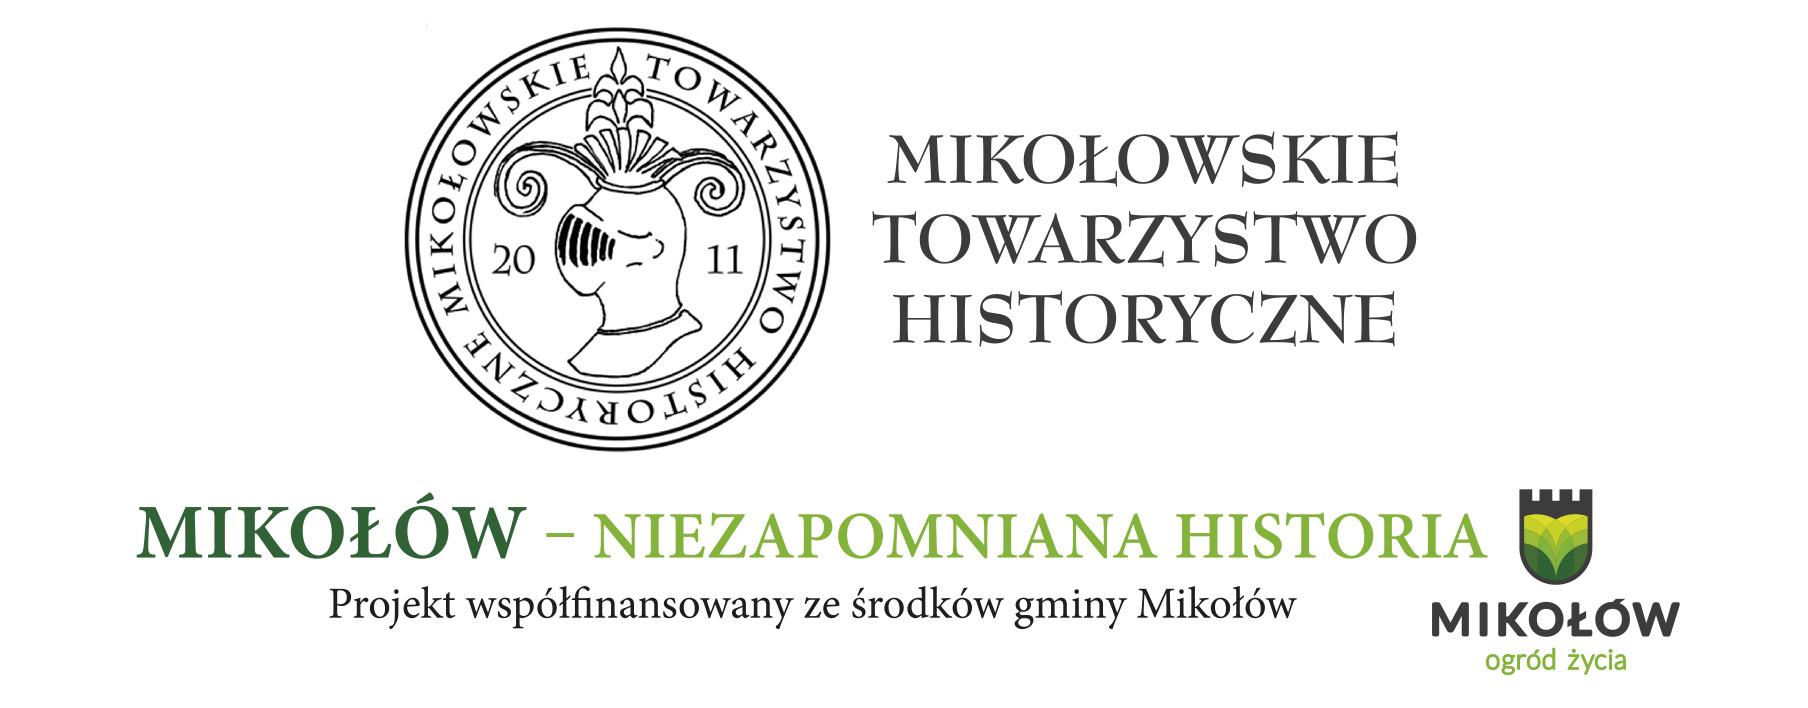 """Projekt """"Mikołów -niezapomniana historia""""."""